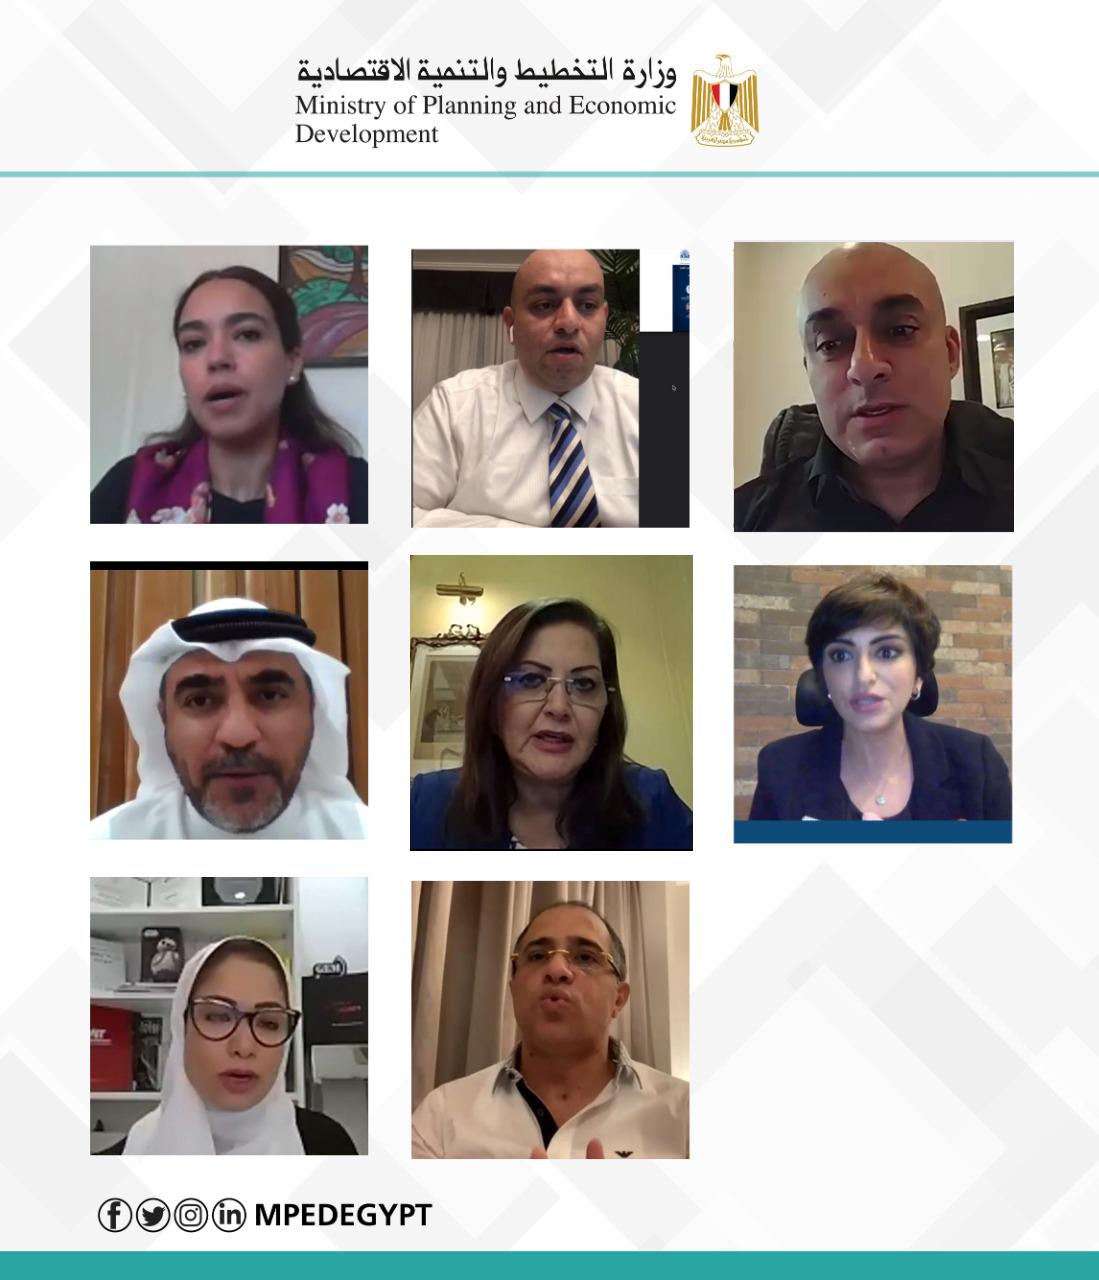 صورة مشاركة دكتورة هالة السعيد كمتحدث رئيسي بندوة المجلس الدولي للمشروعات الصغيرة